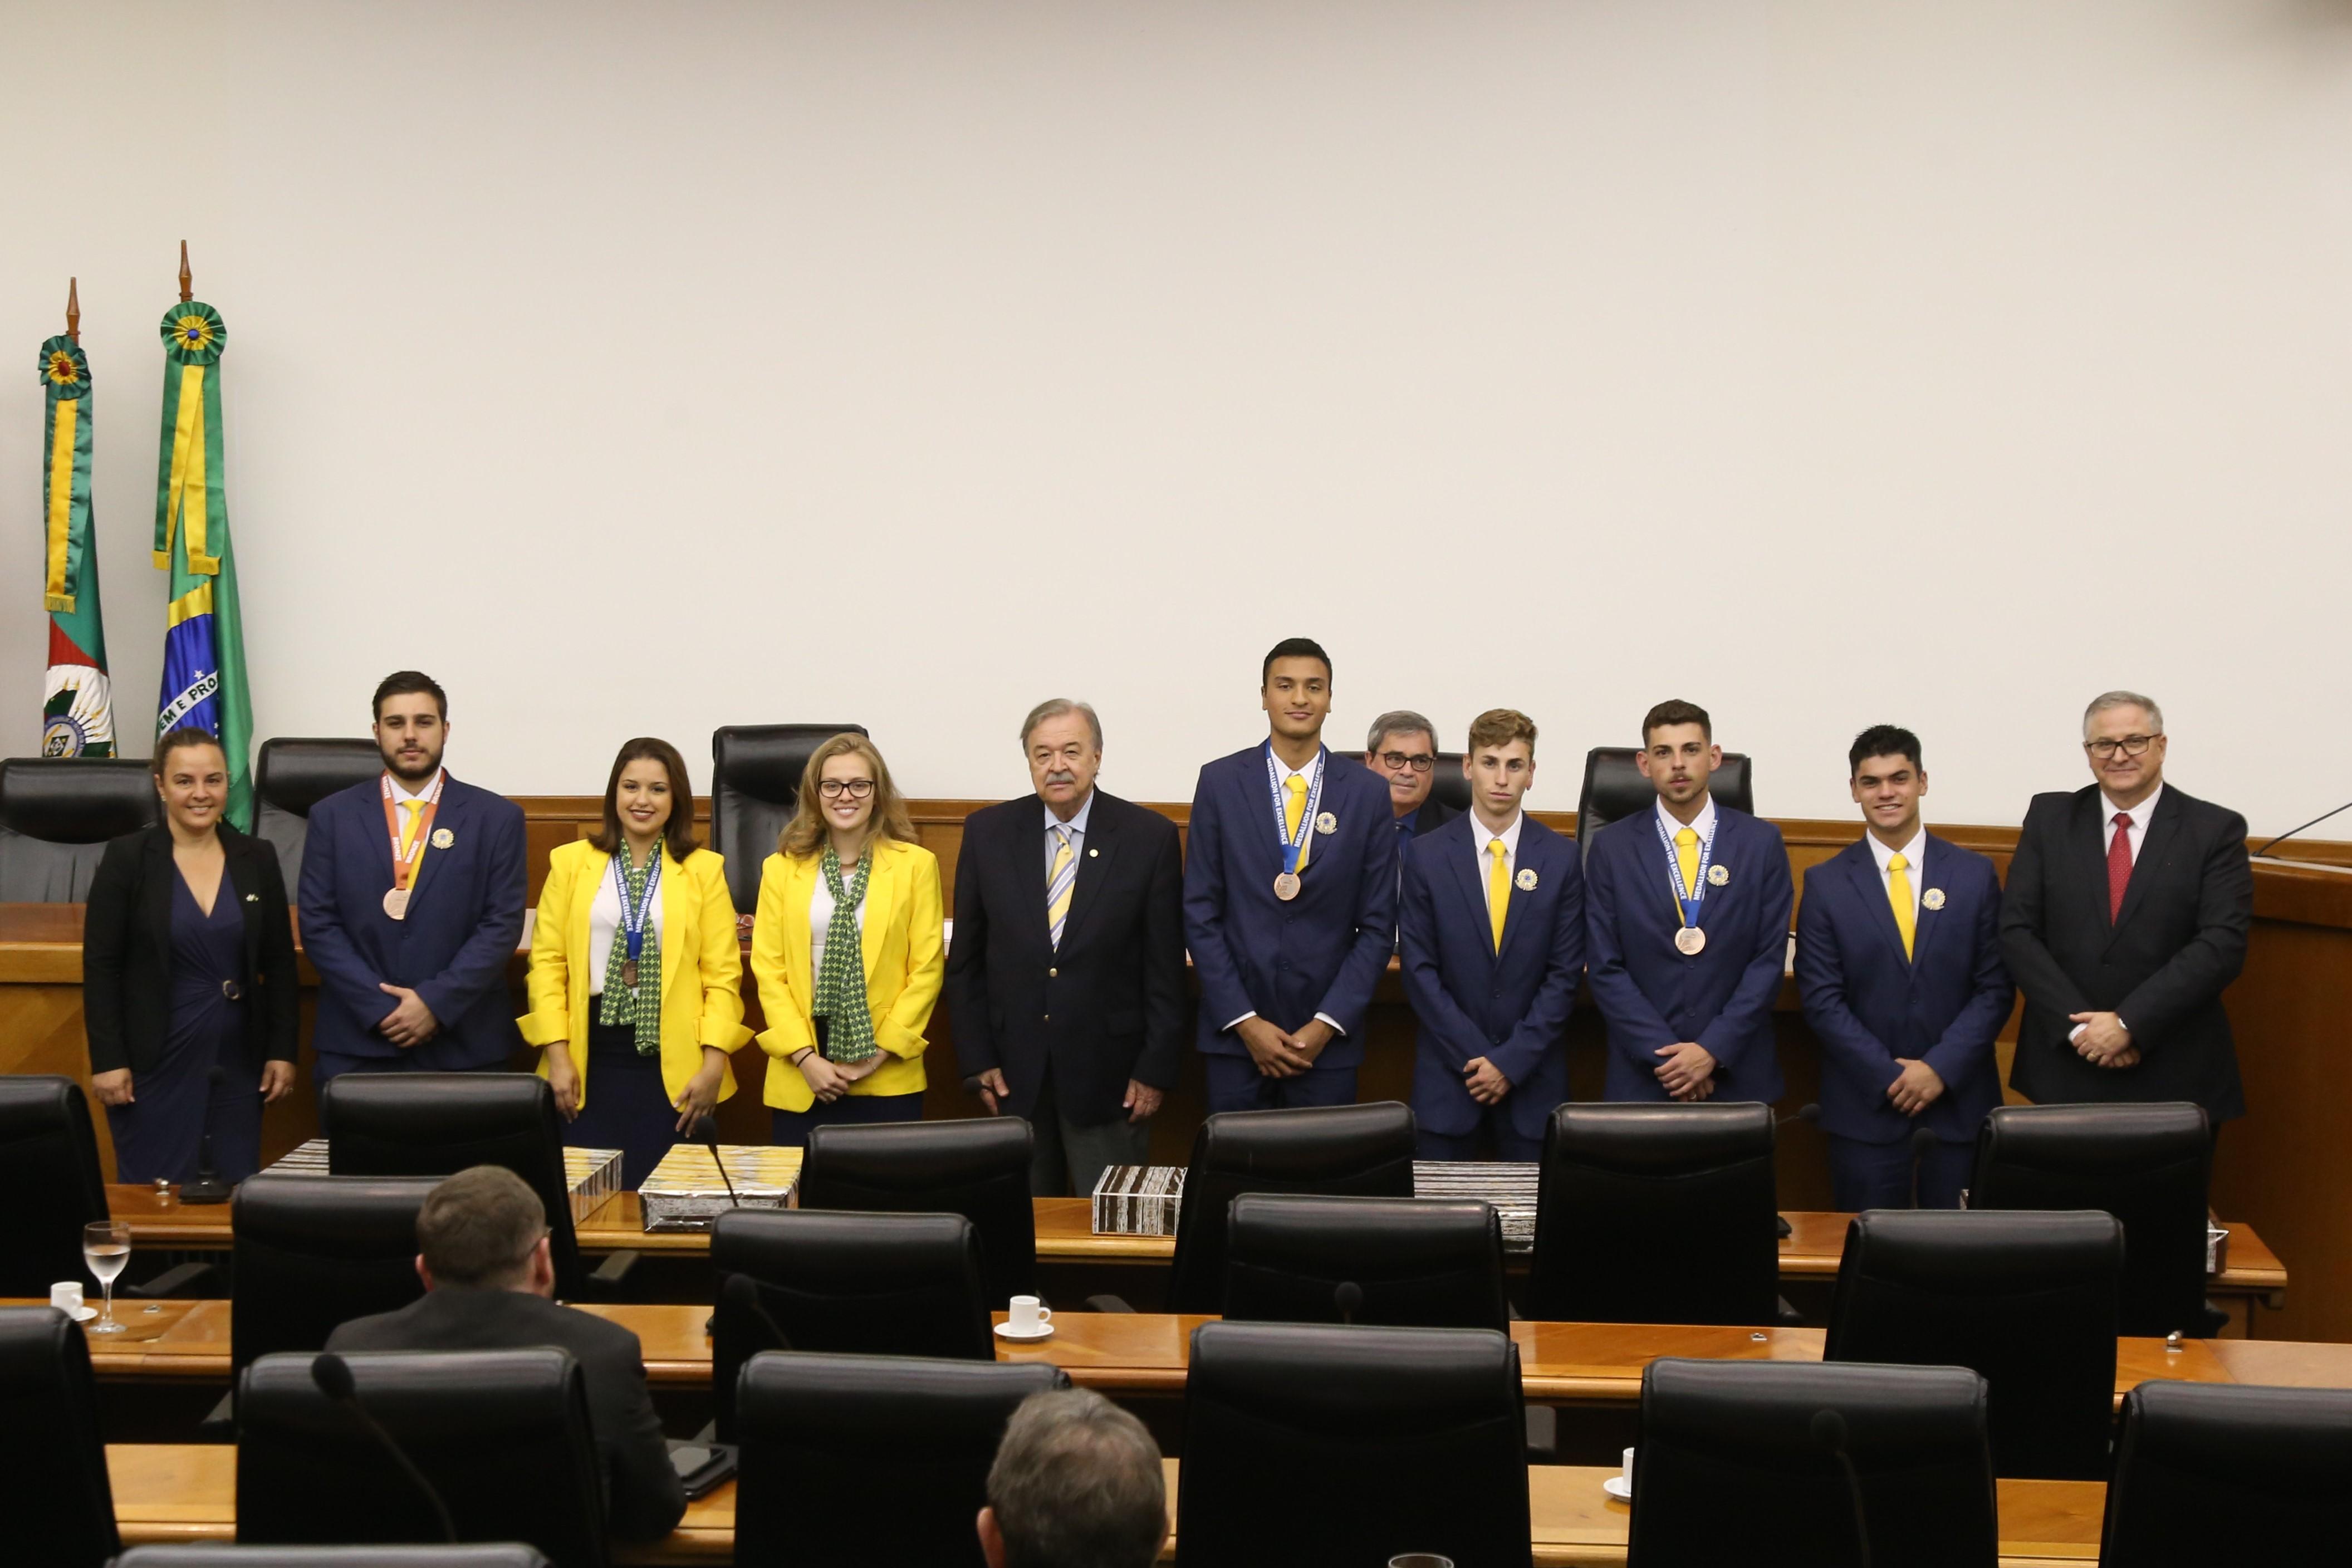 Diretorias da FIERGS/CIERGS homenageiam competidores da WorldSkills 2019. Alunos do Senai-RS receberam um notebook de presente